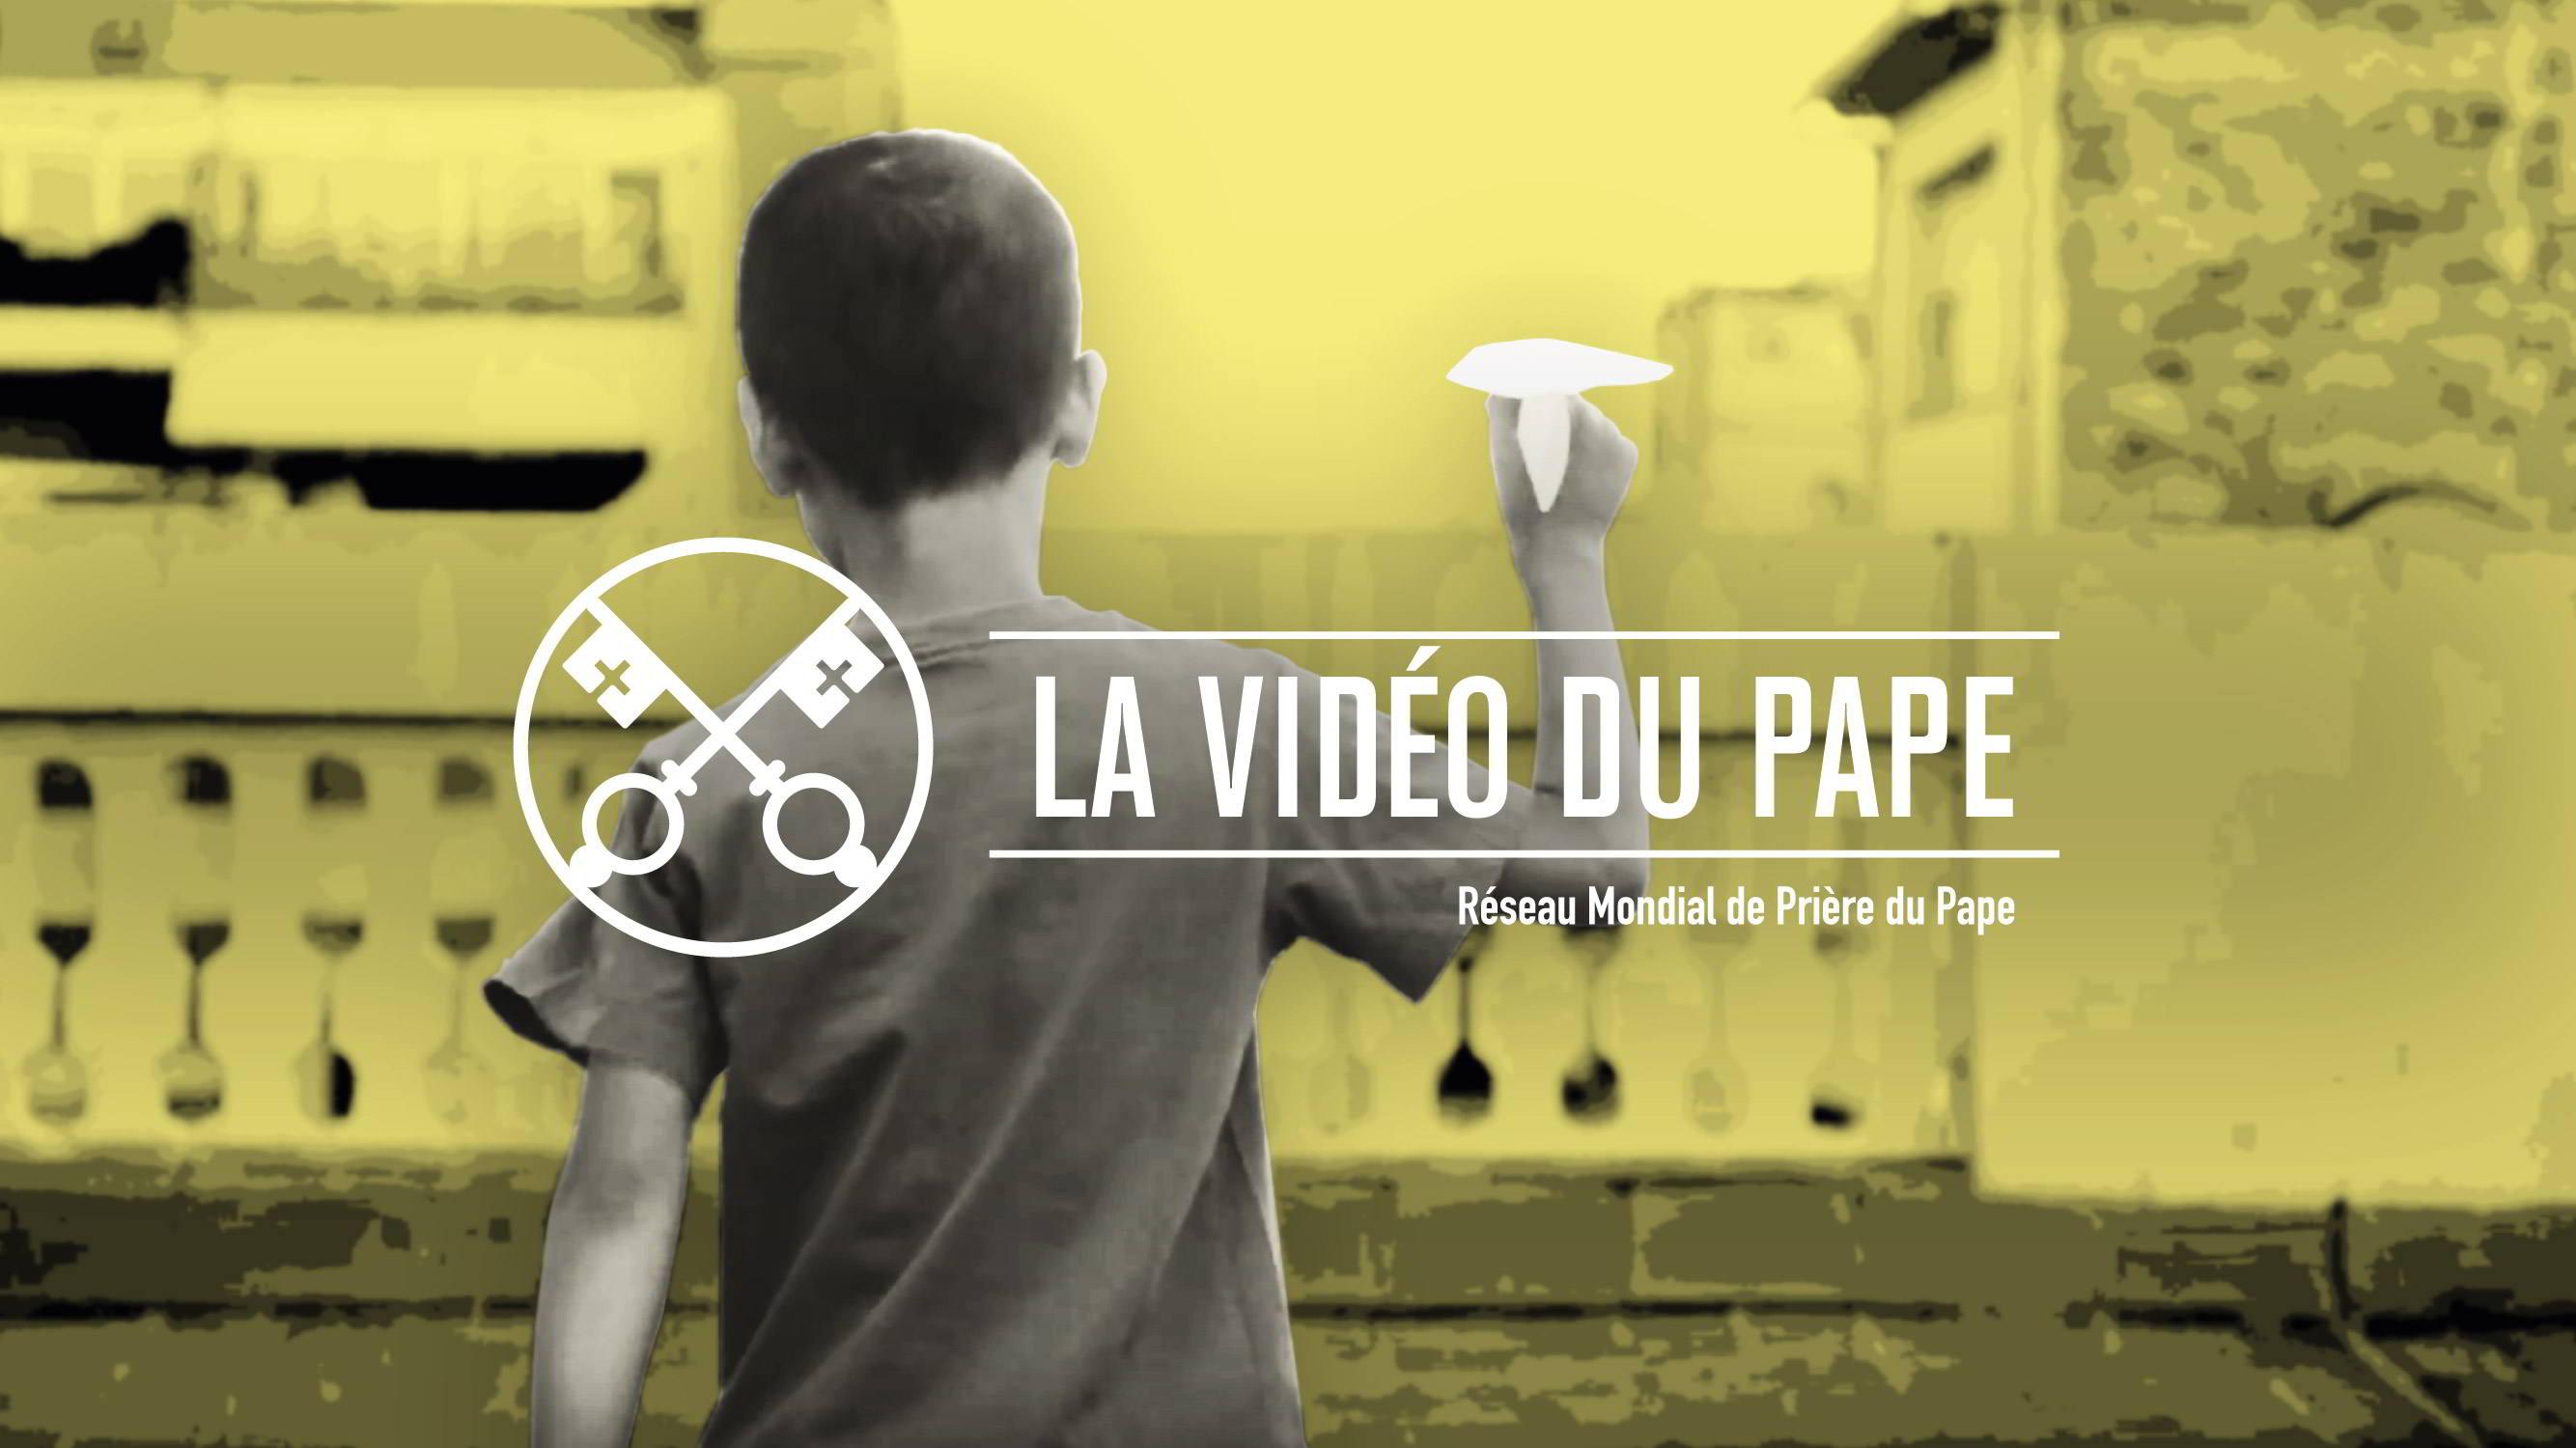 Official Image - TPV 10 2019 FR - La Video du Pape - Printemps missionnaire dans l'Eglise